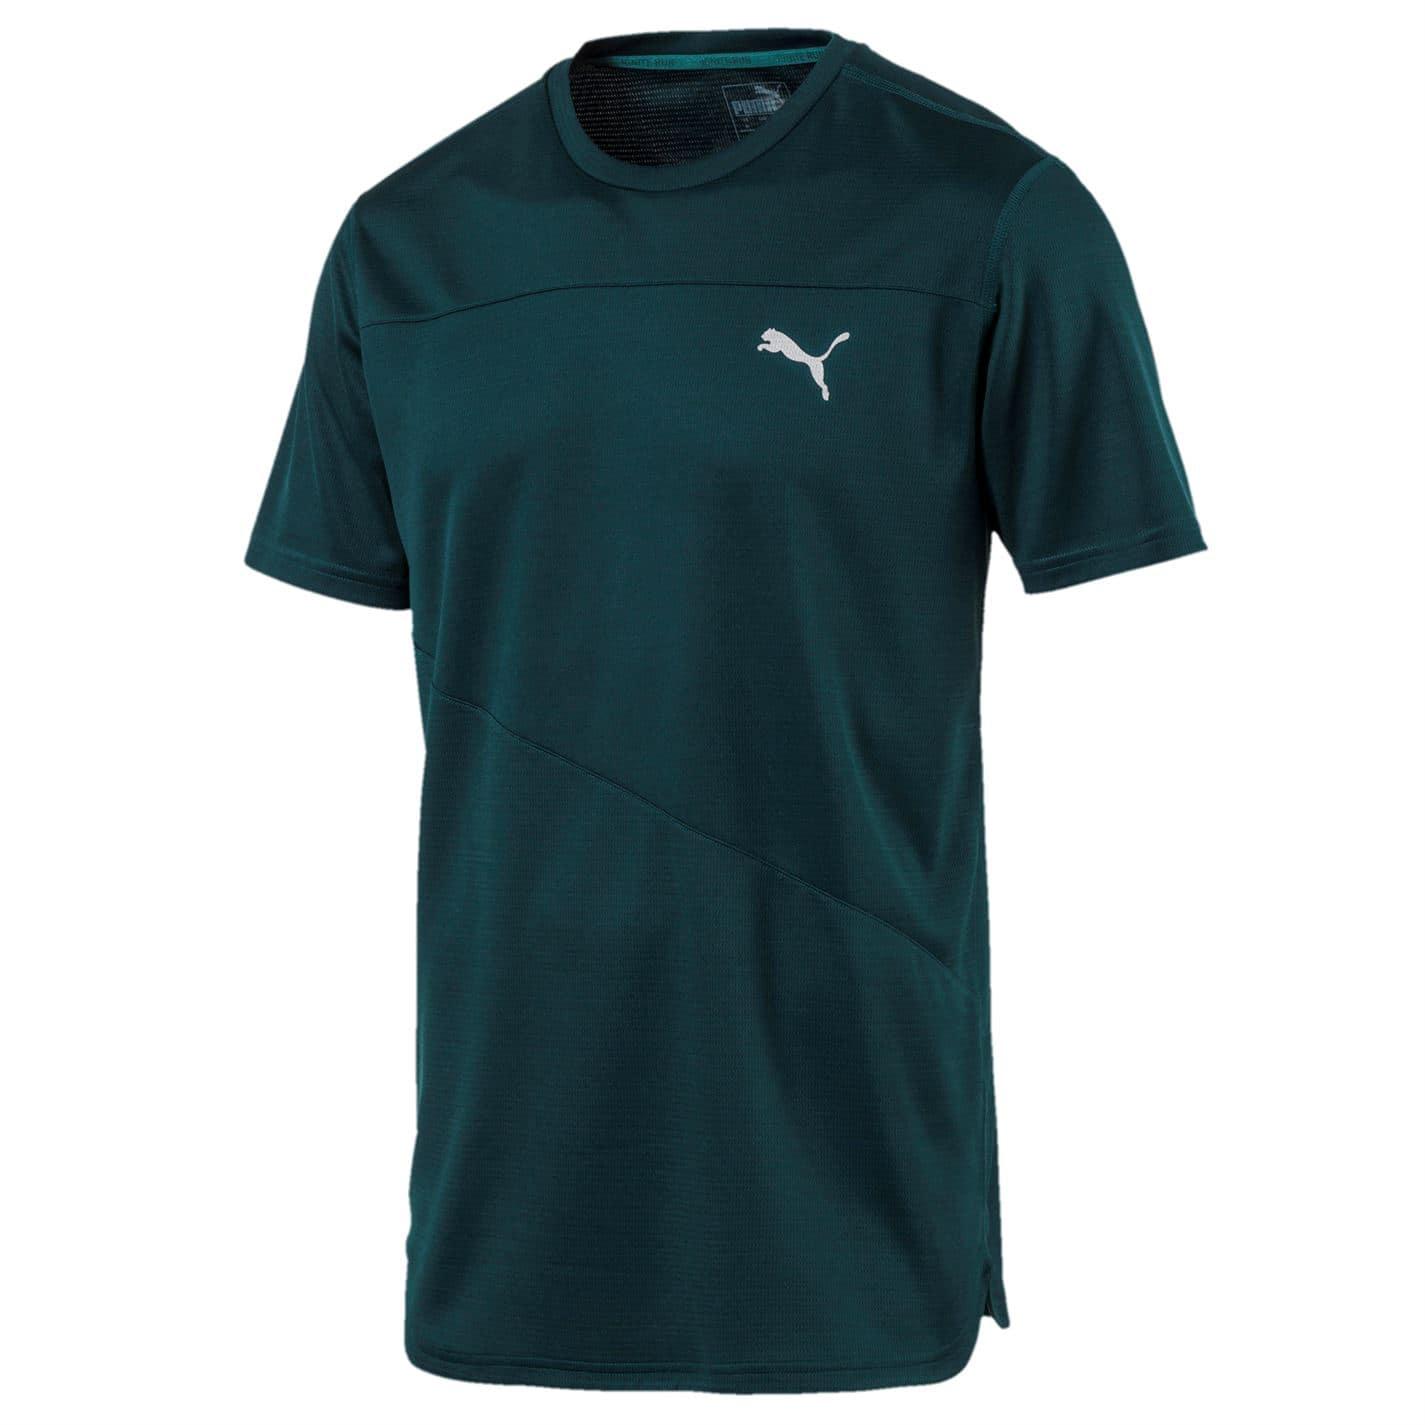 Puma IGNITE Mono Men's Running T Shirt